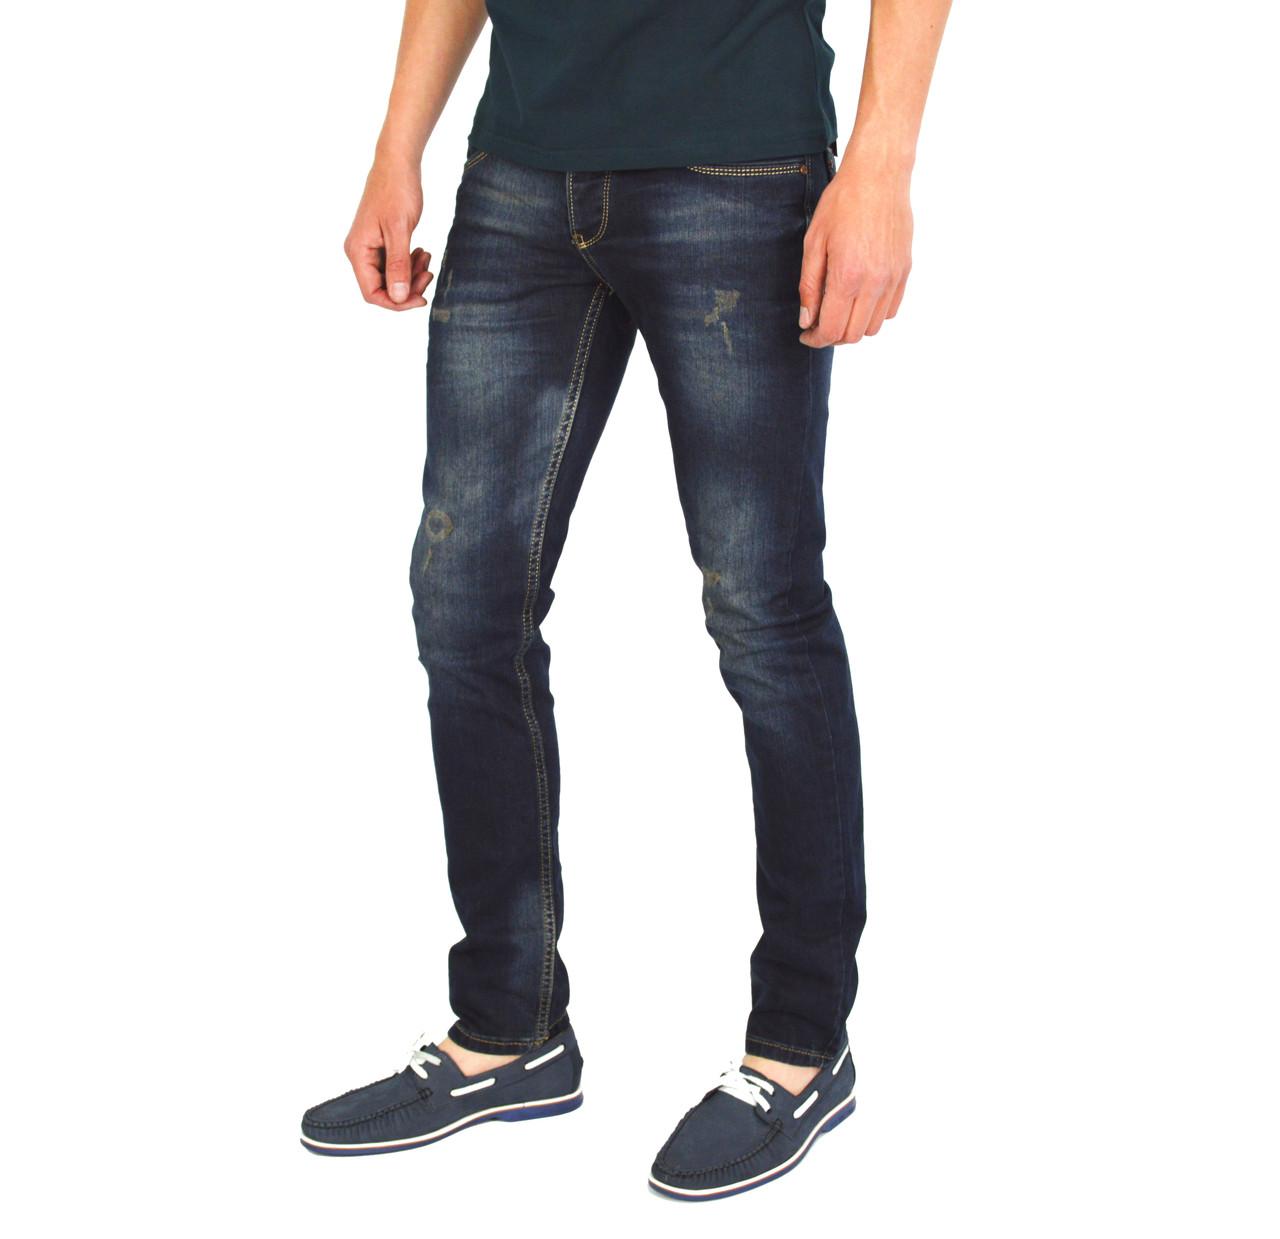 44edf0c2 Темно-синие мужские джинсы зауженные JACK JOHNSON: продажа, цена в ...